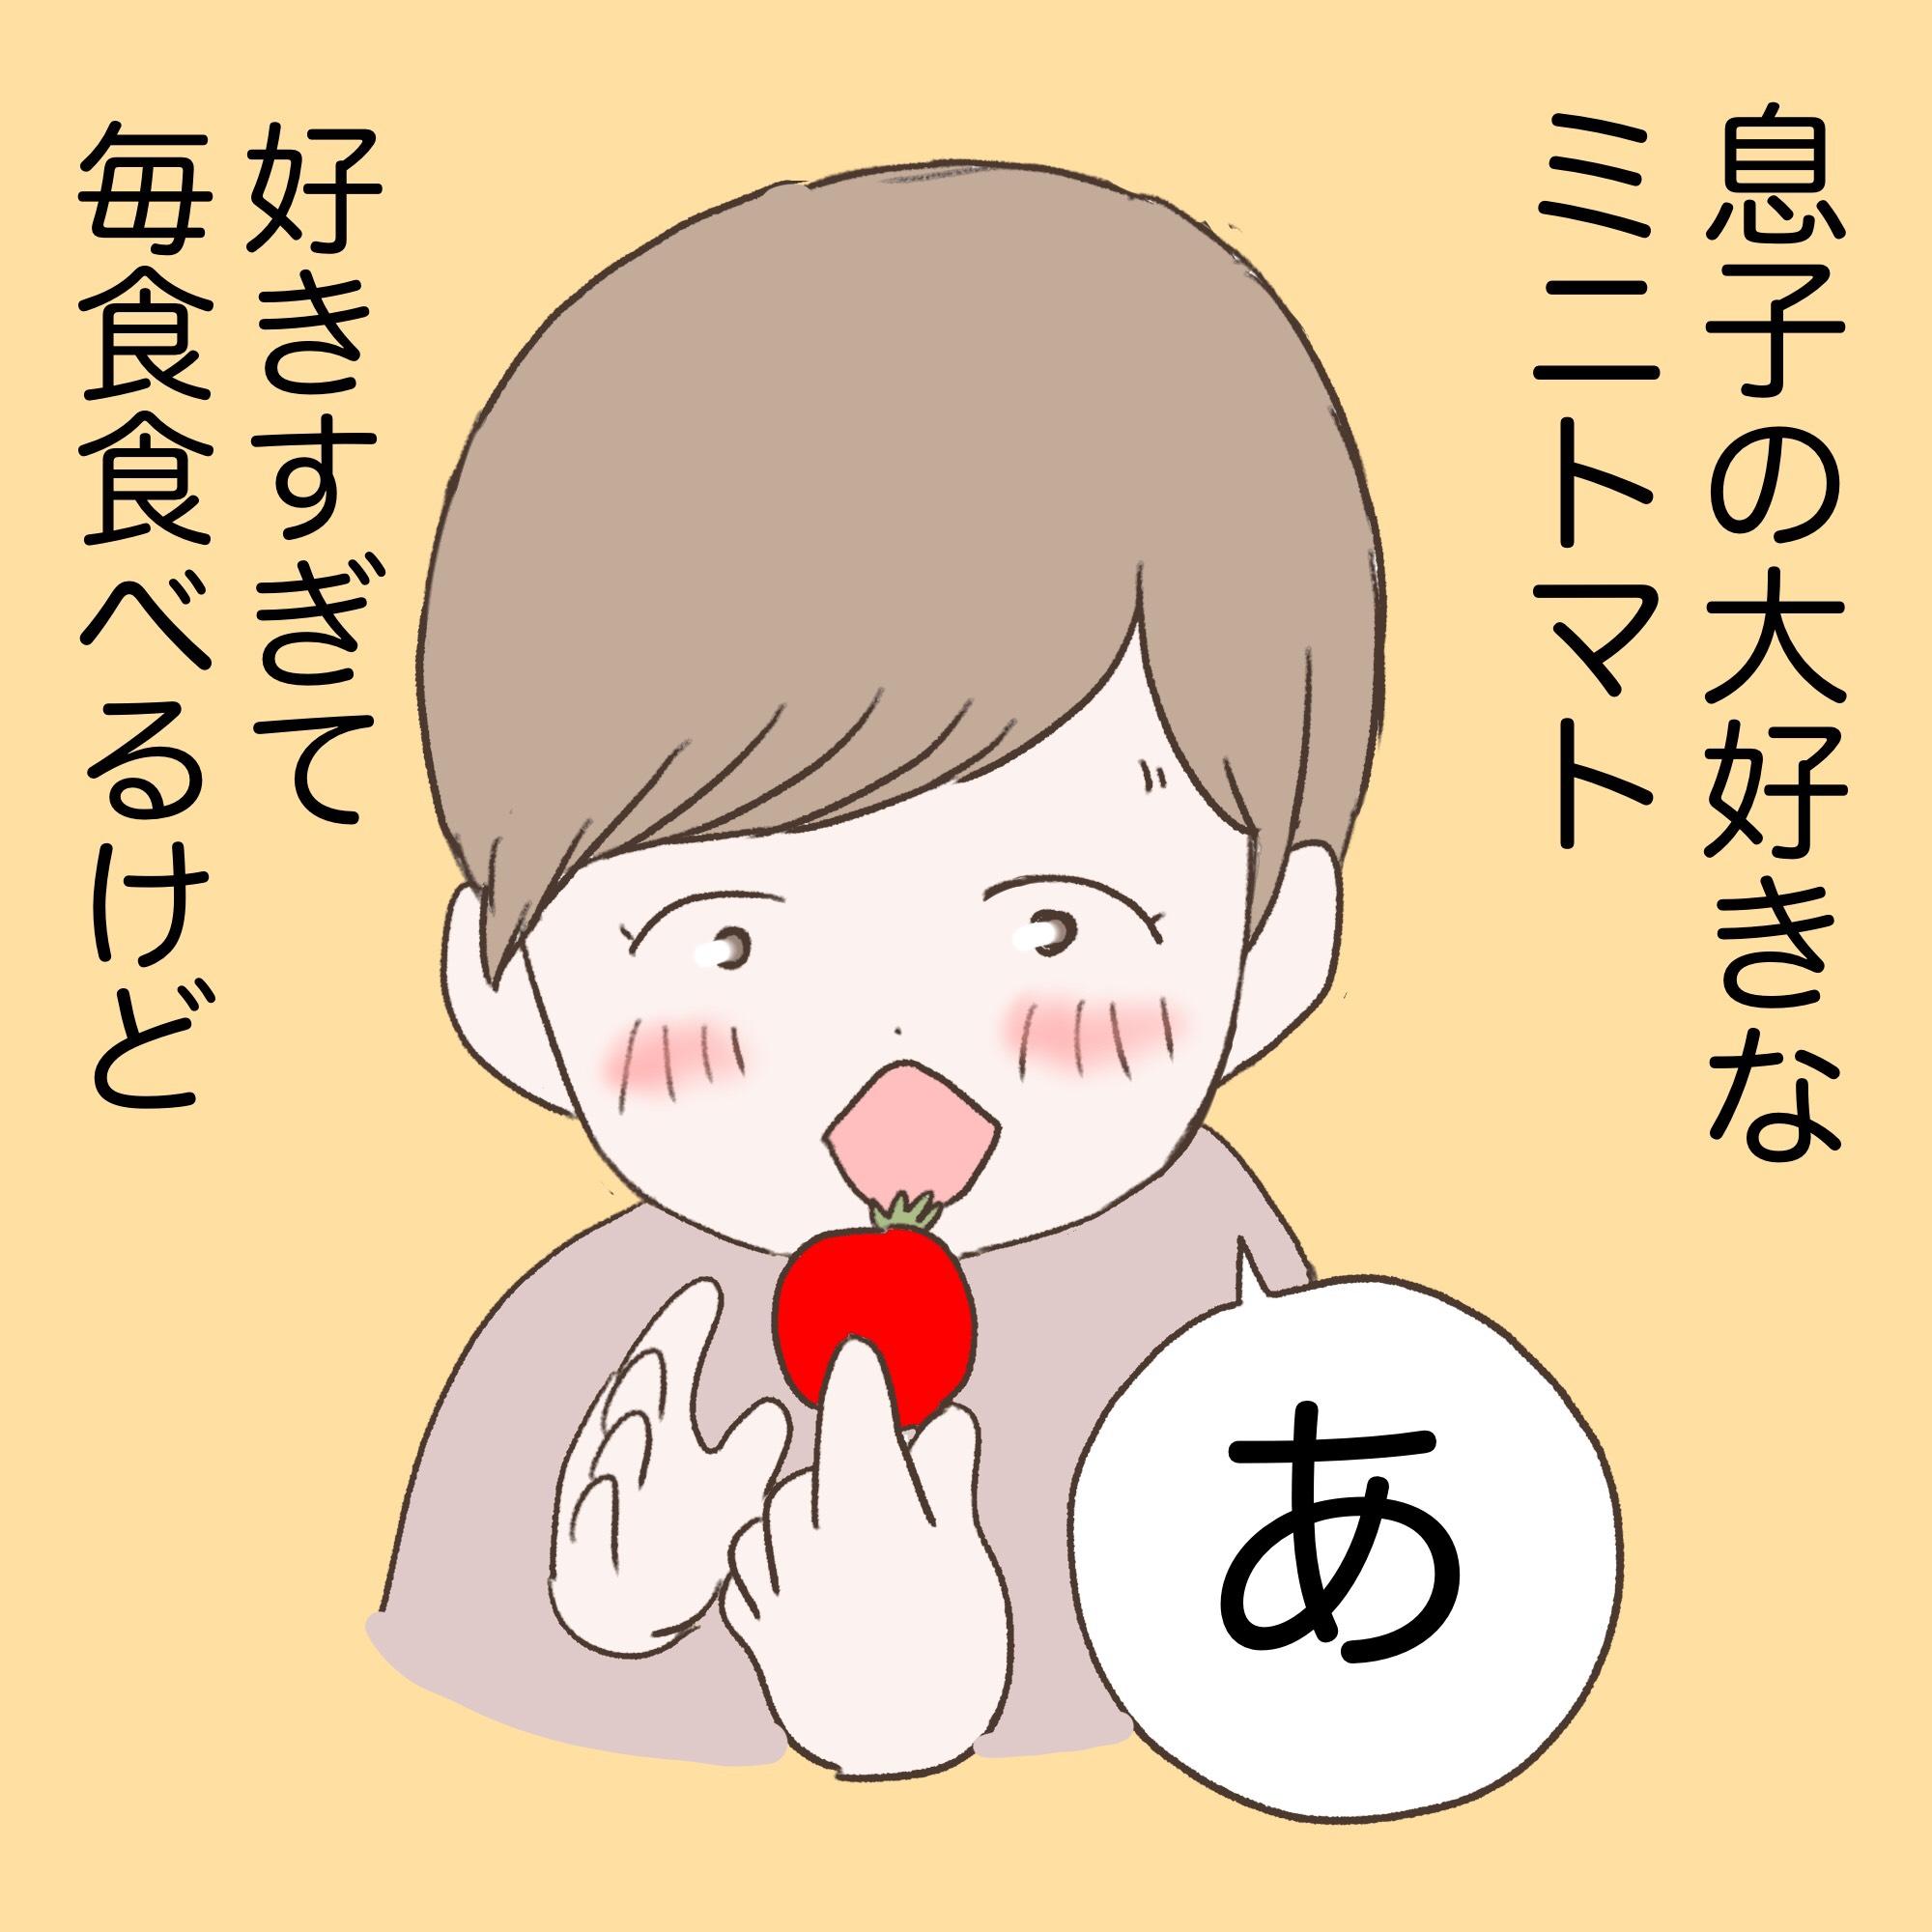 トマト爆弾を回避せよ!|モナくんはいつでもSo Happy!#15